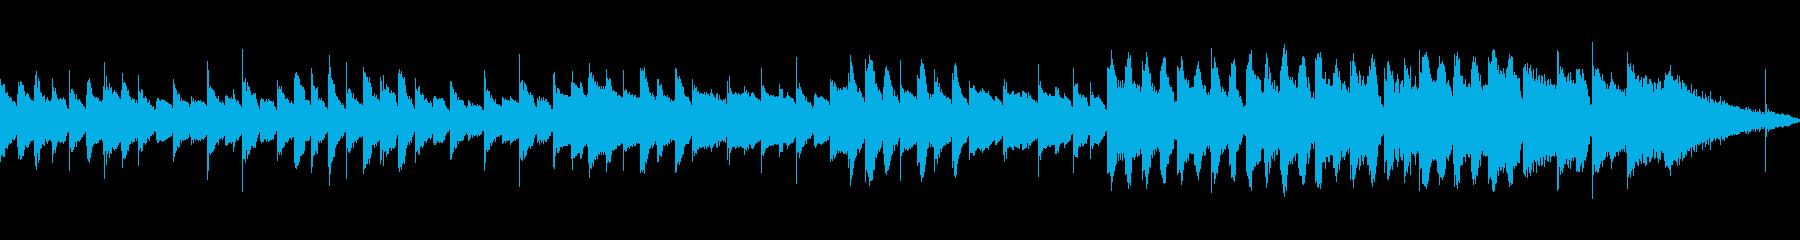 【ループ再生】不思議で可愛いBGMの再生済みの波形